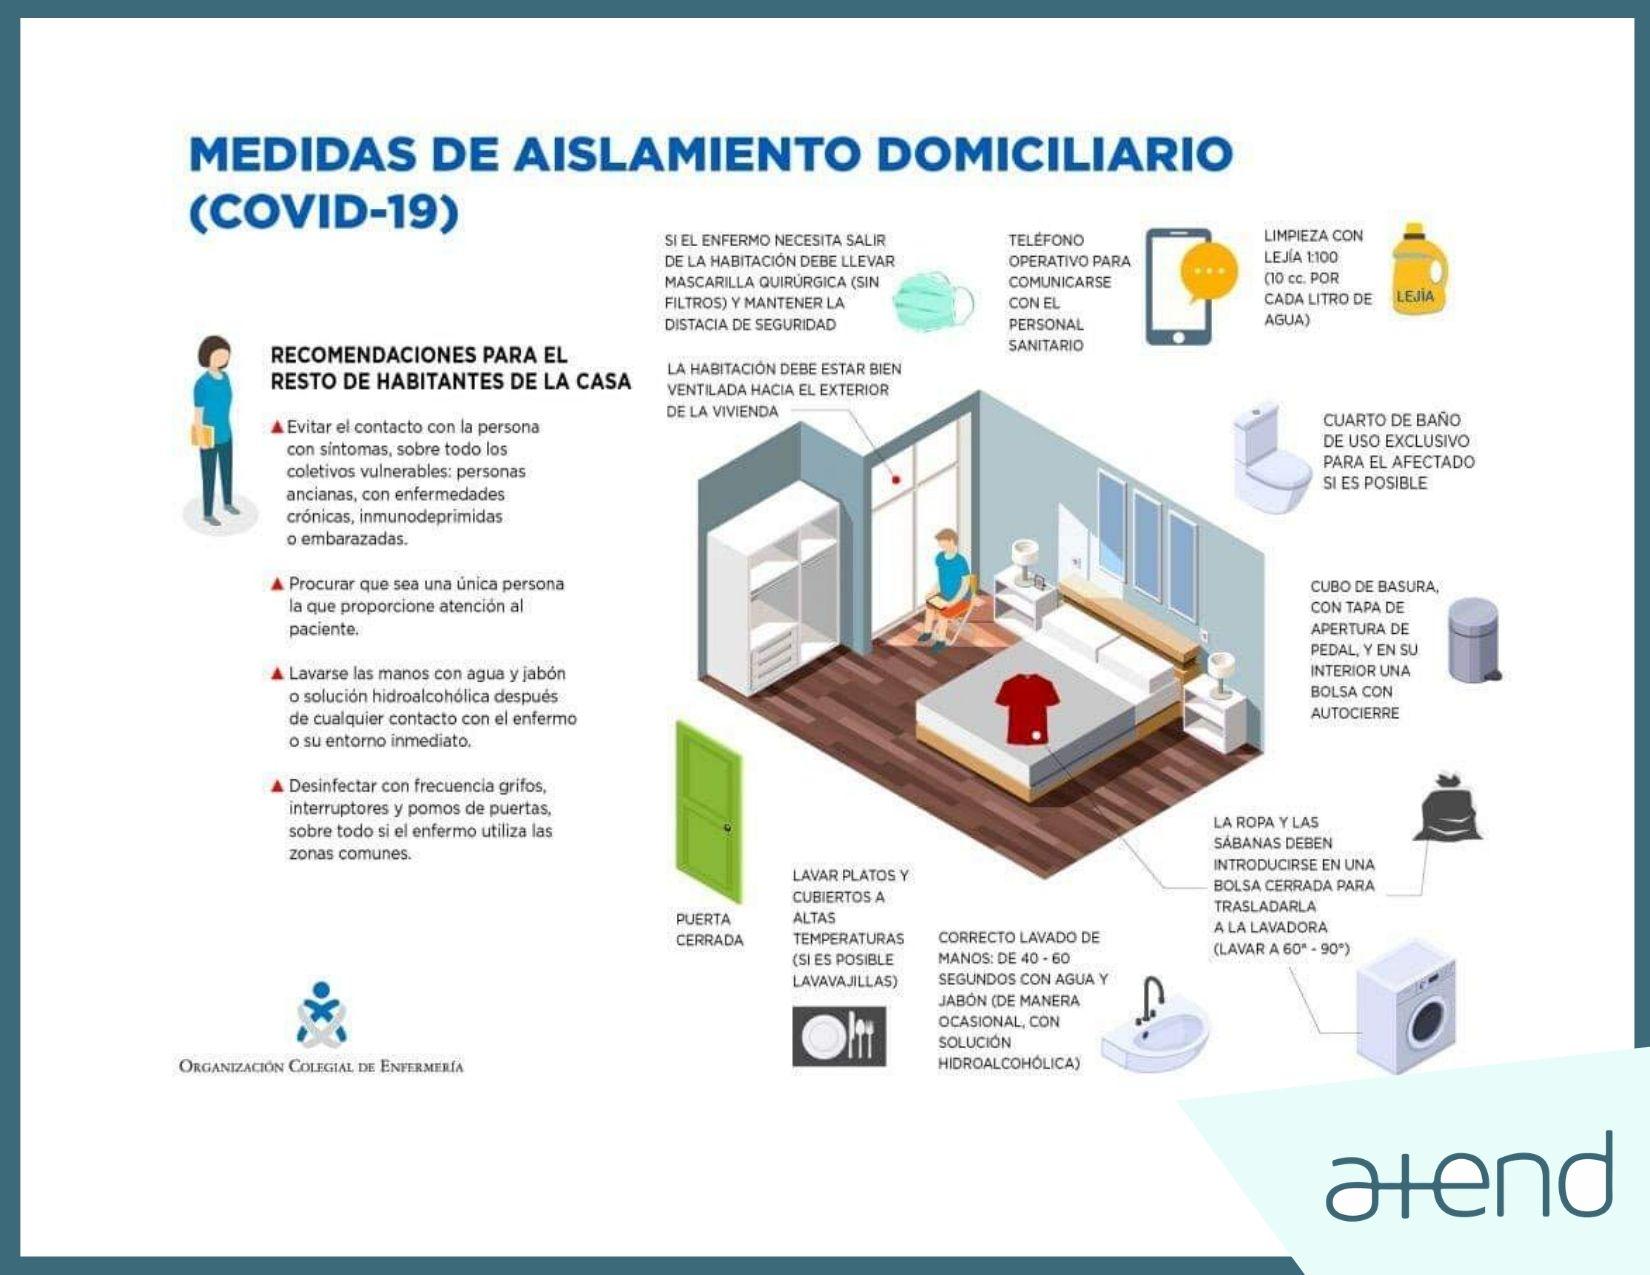 Cómo aislar a un paciente con COVID-19 a domicilio.